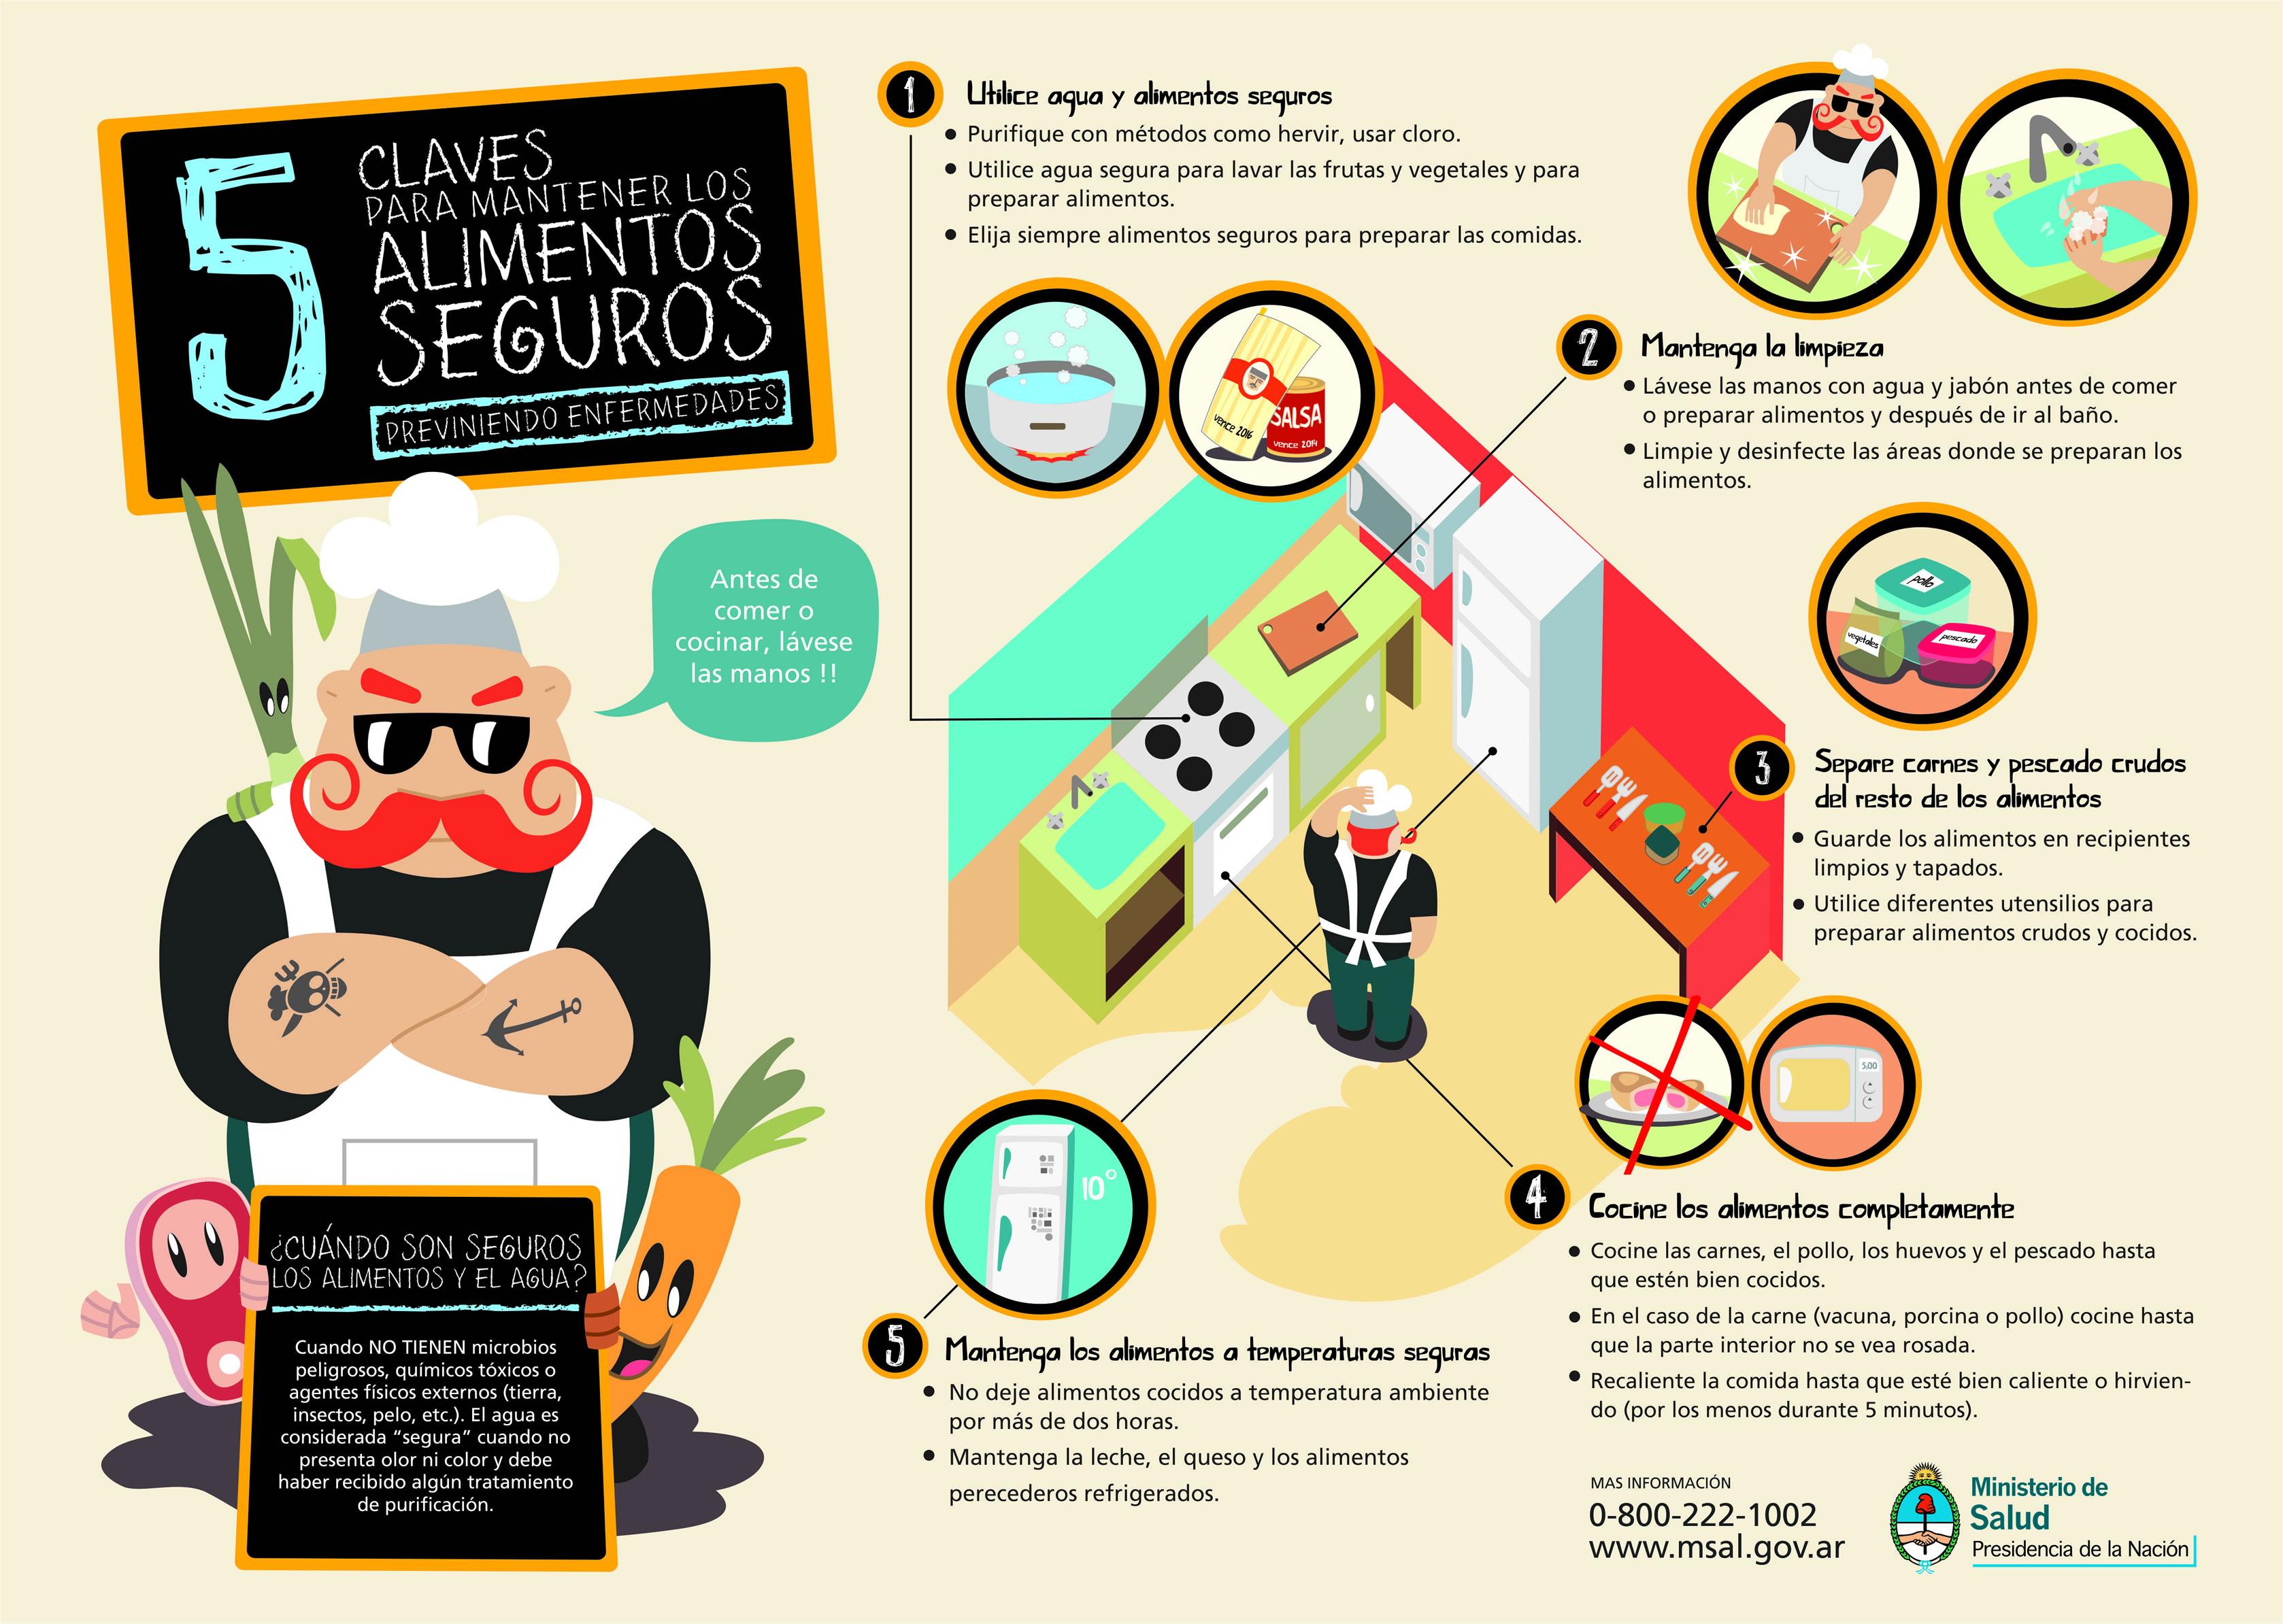 Garantizar la inocuidad de los alimentos es una tarea for La cocina de los alimentos pdf